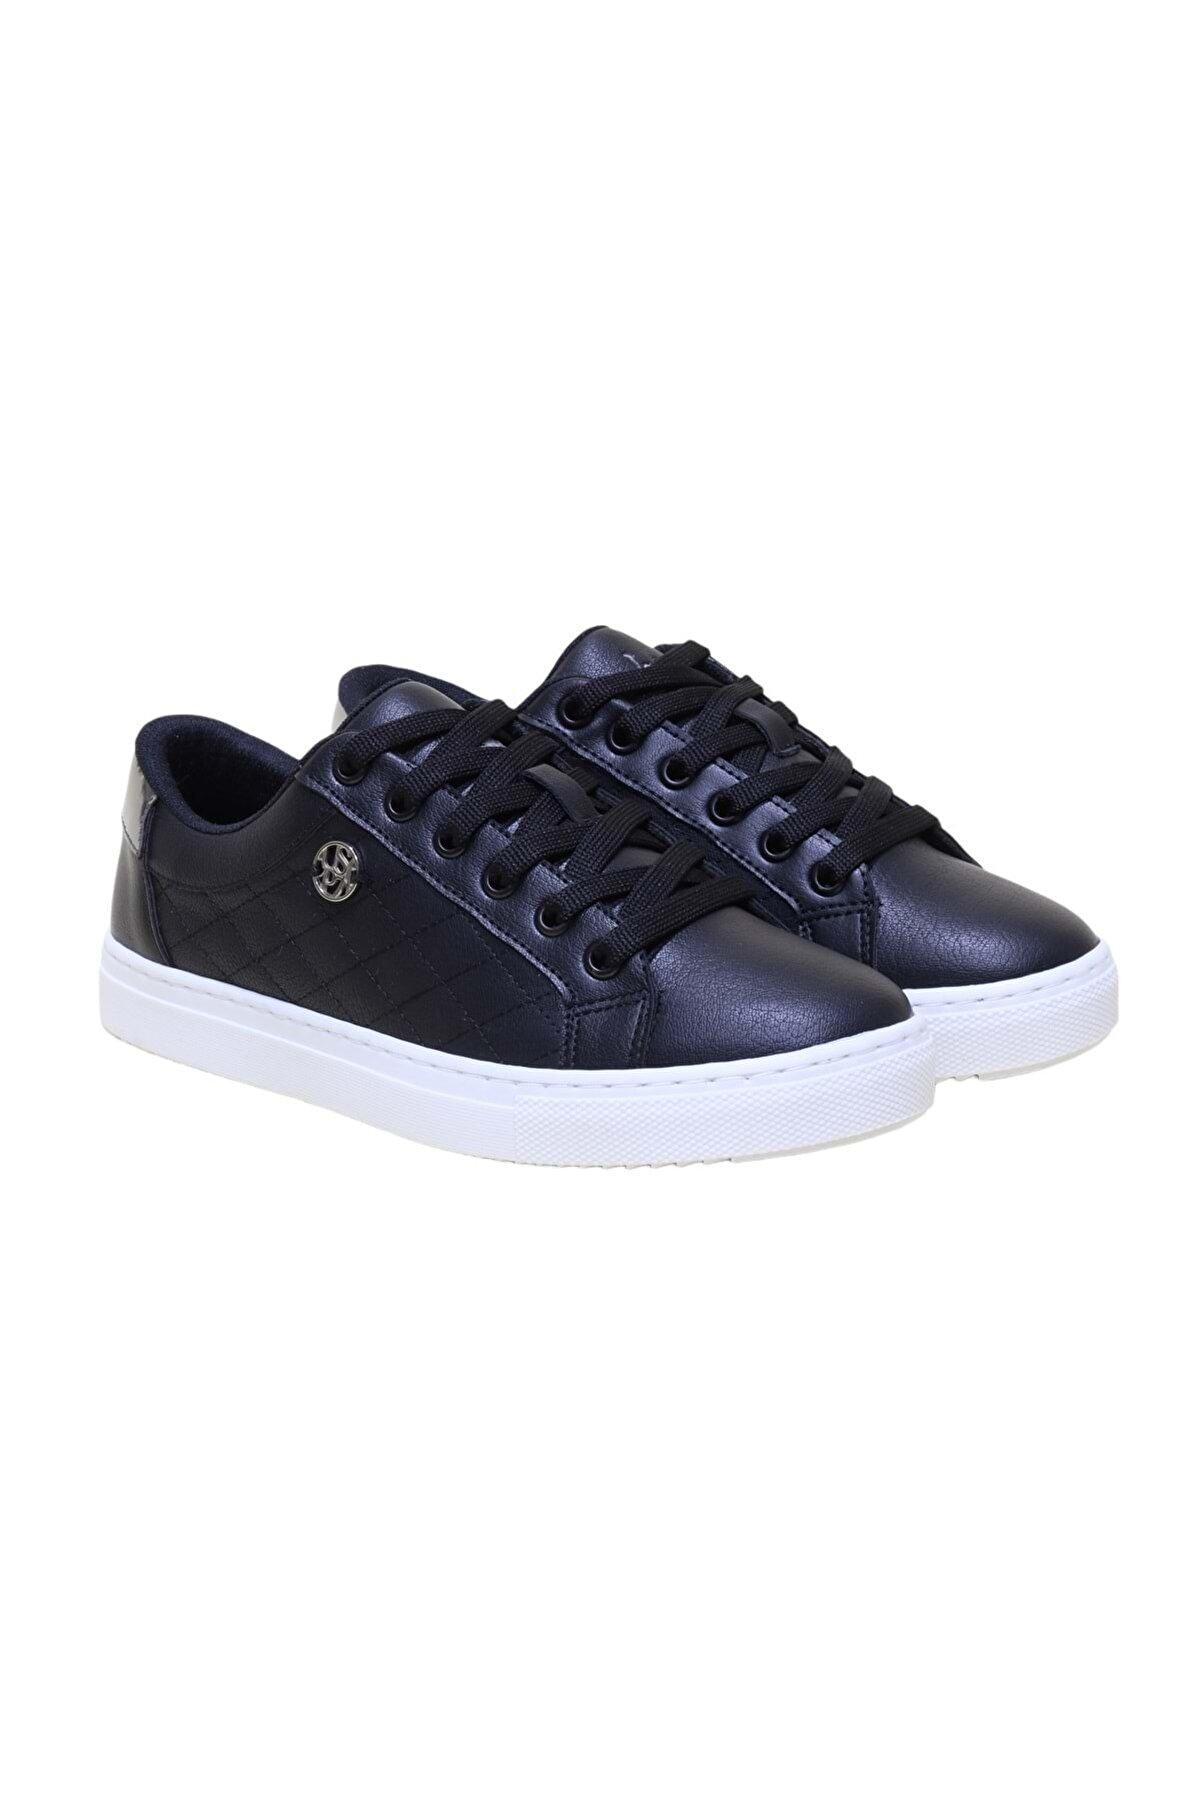 US Polo Assn Tıggy Ortopedic Sneakers Bayan Ayakkabı - Siyah - 40